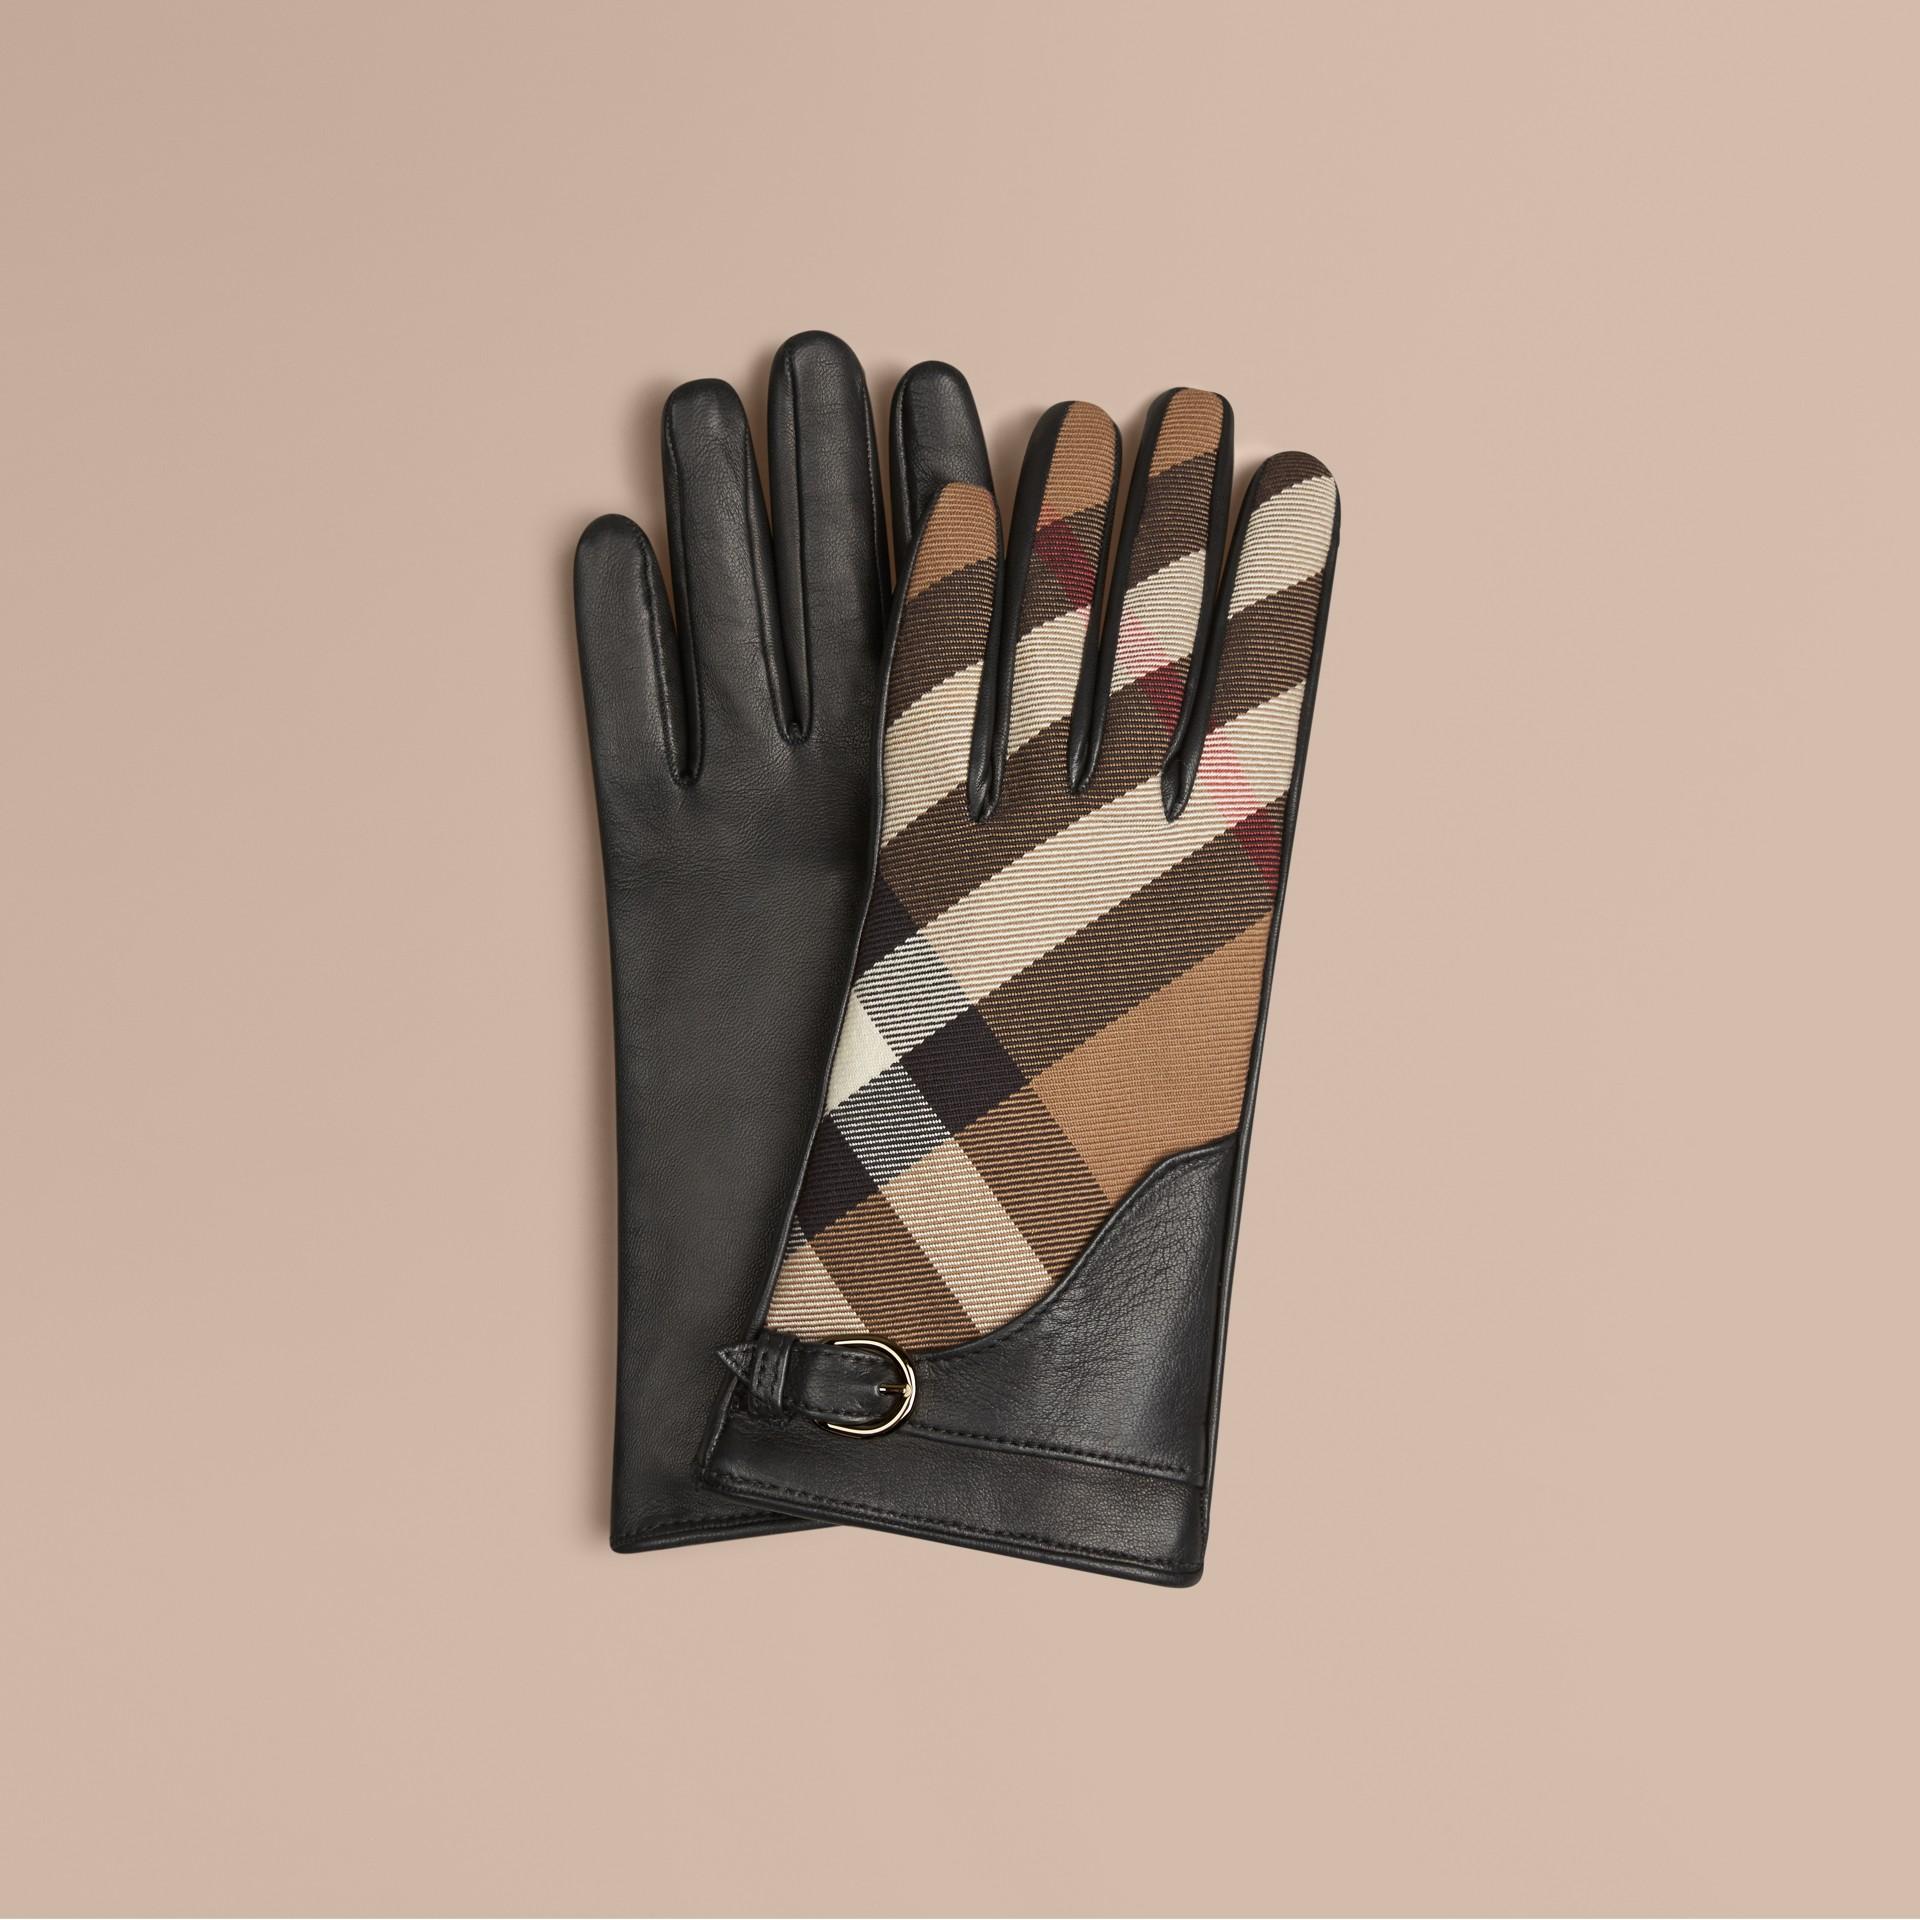 Schwarz Lederhandschuhe mit House Check-Muster Schwarz - Galerie-Bild 1